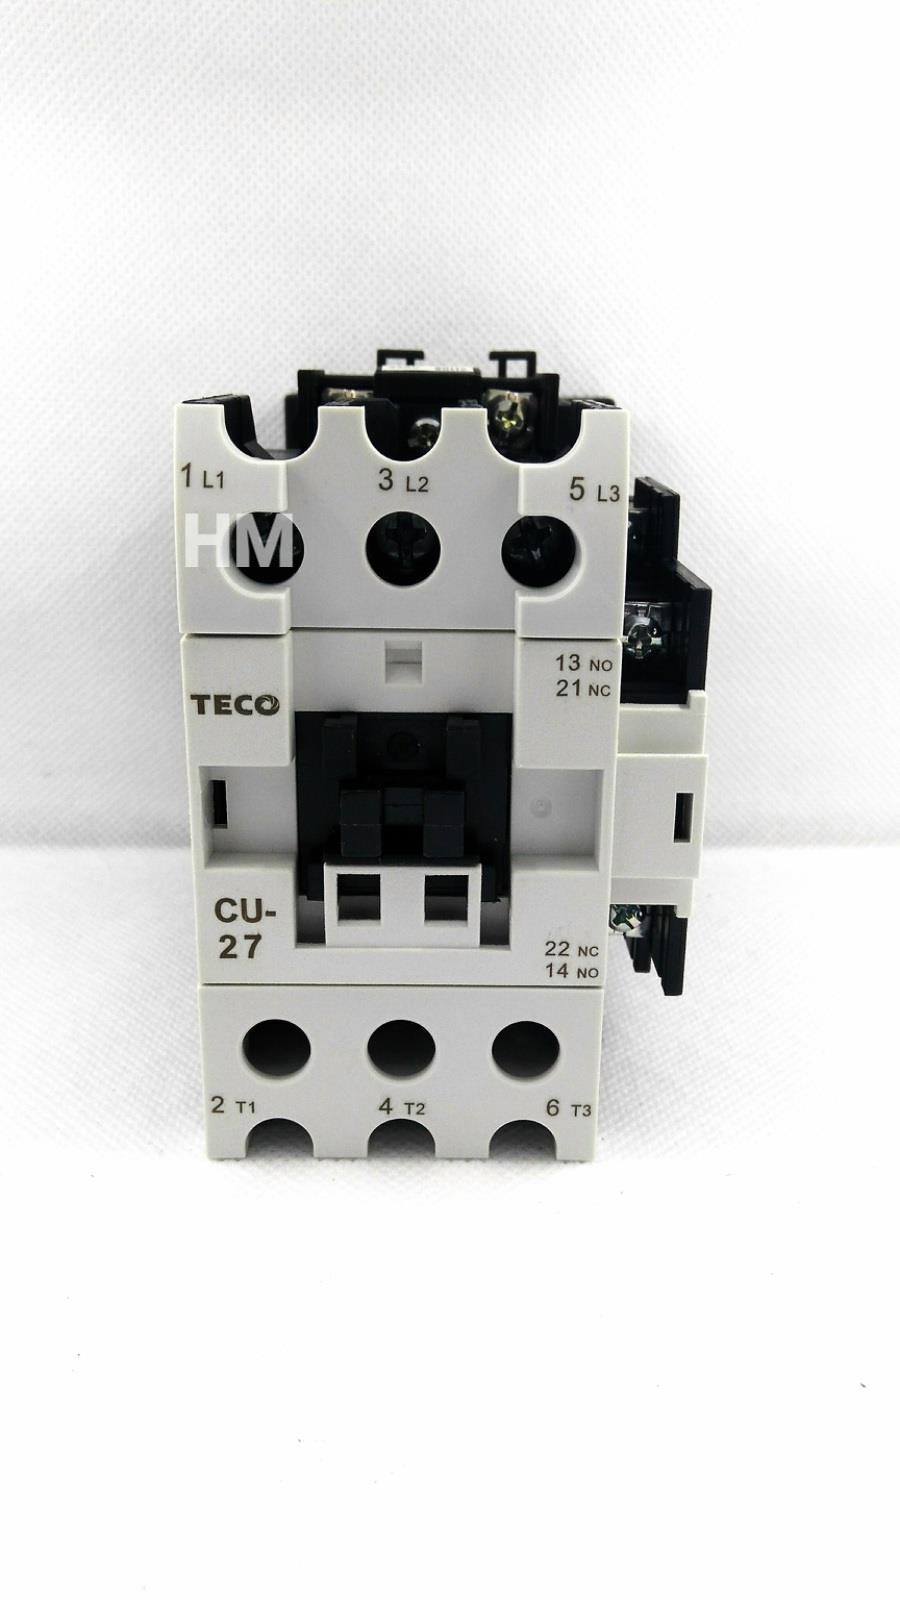 Jual AC Contactor Magnetic Contactor CU 27 Teco 220V